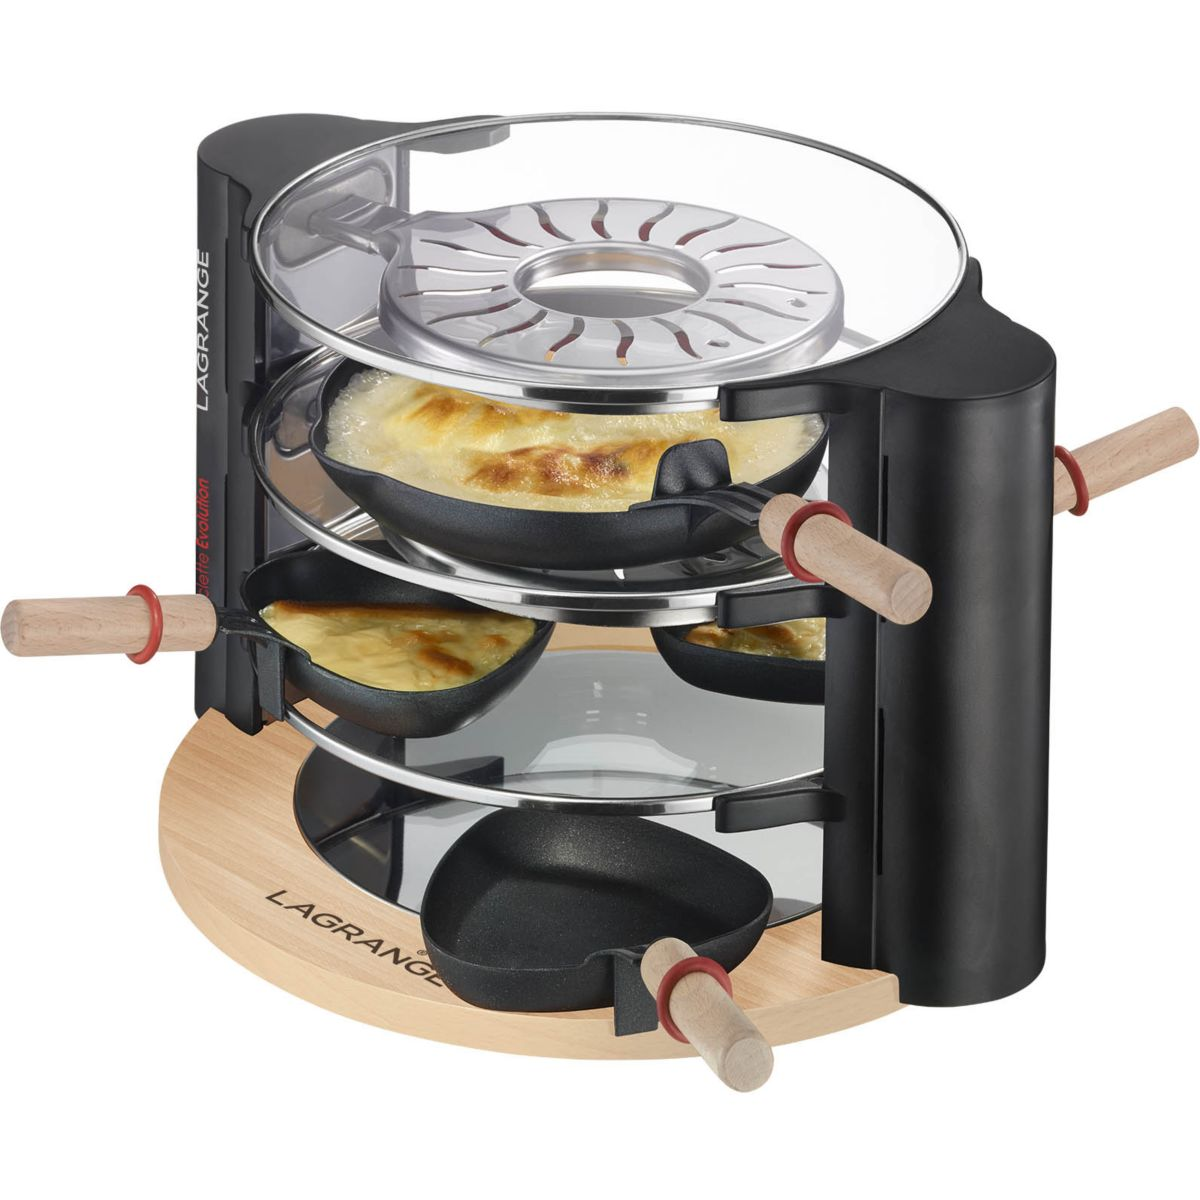 Raclette LAGRANGE 149 001 EVOLUTION